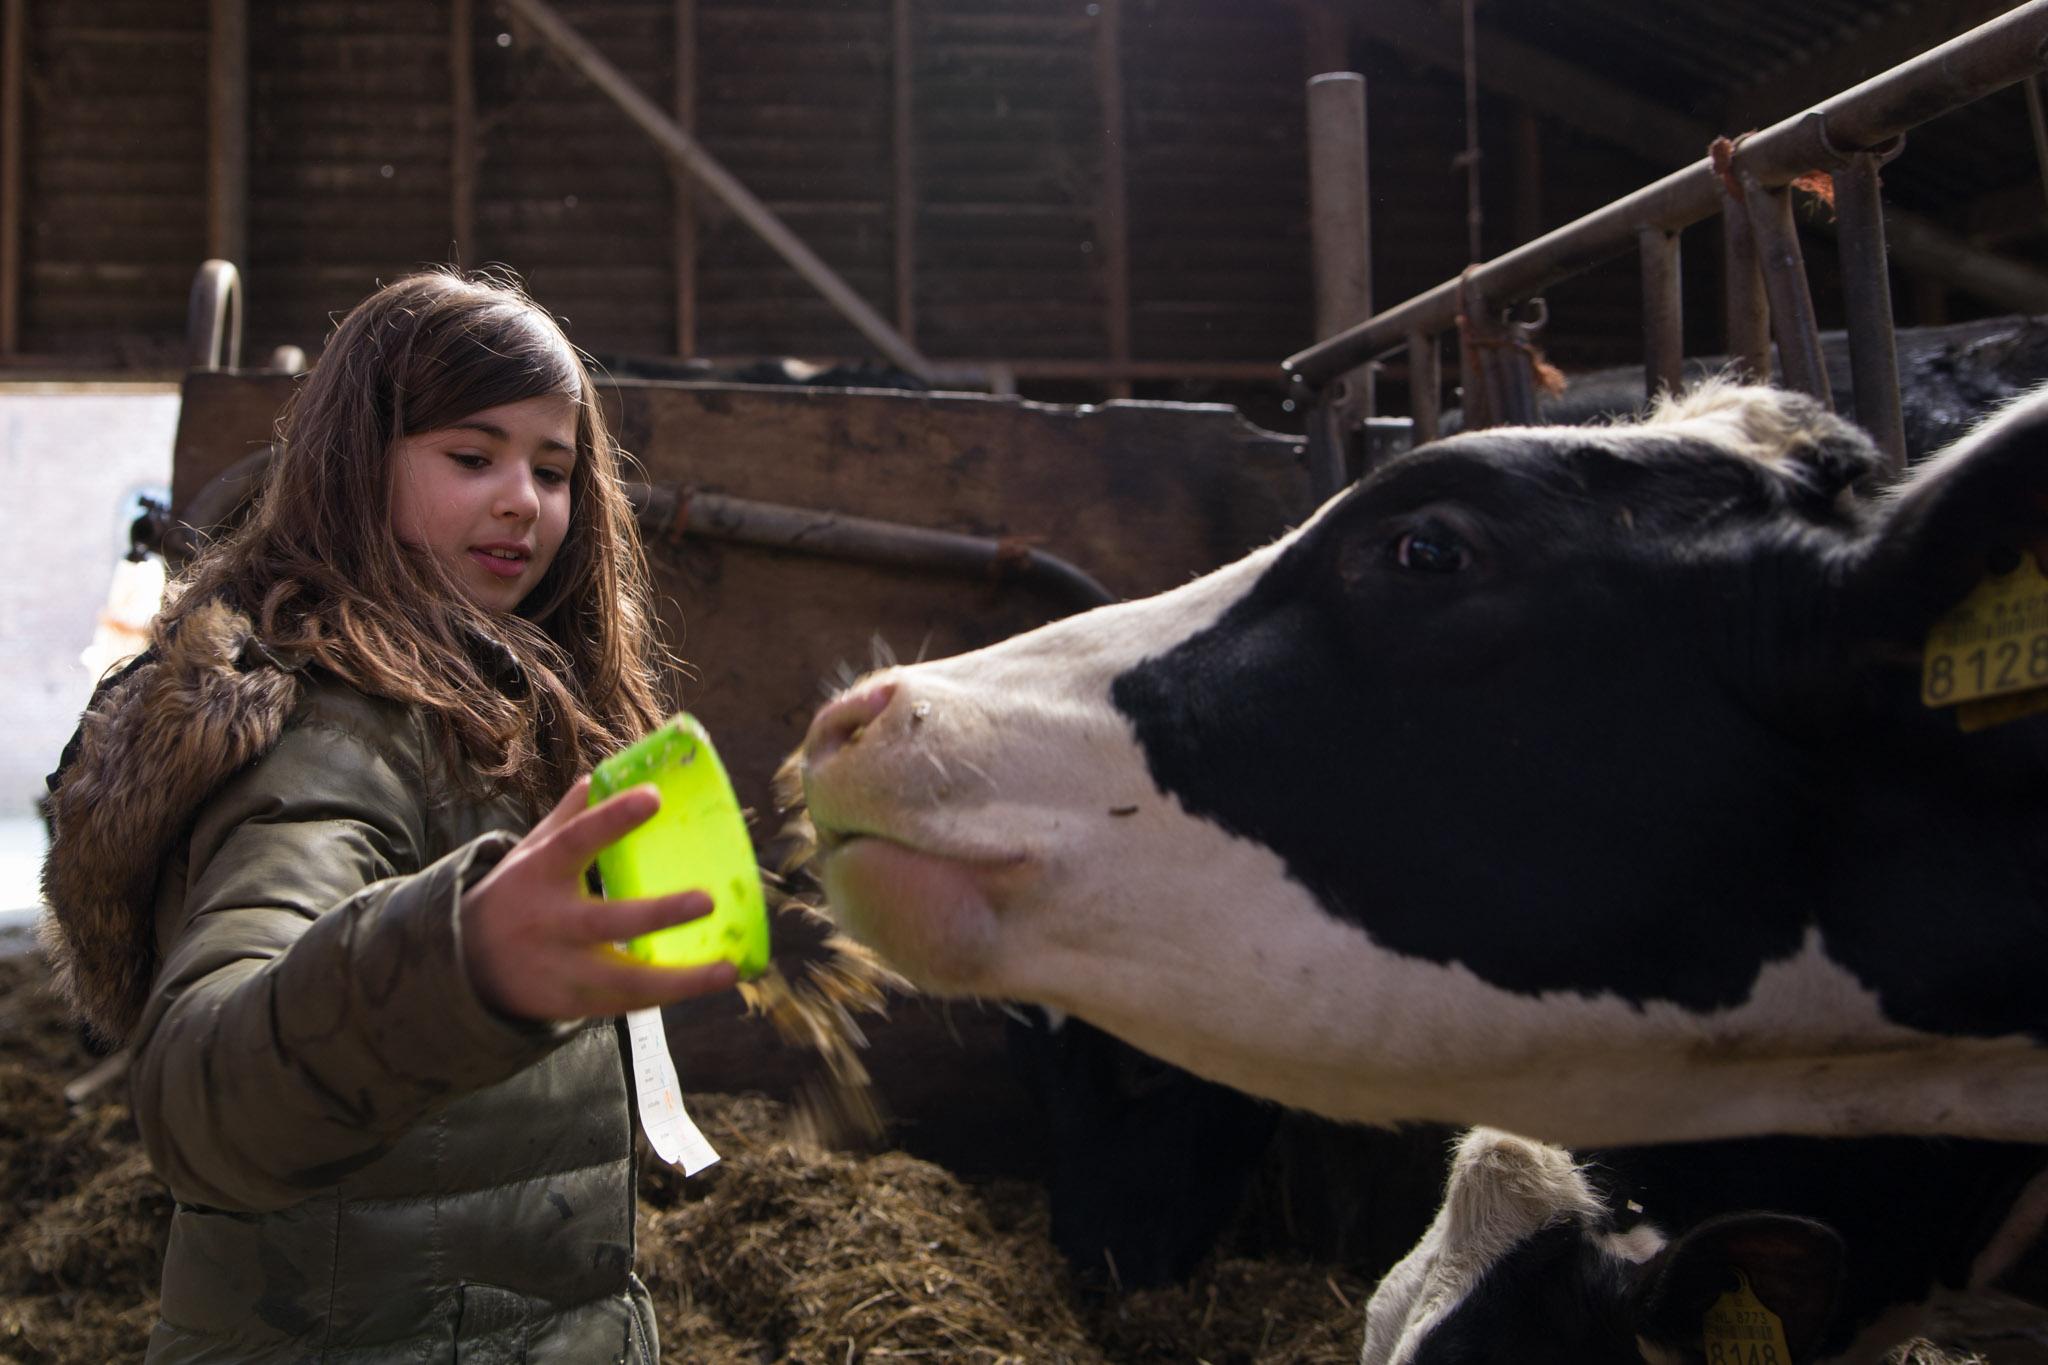 boerderij De Zonnewijzer Open dag koe voer geven